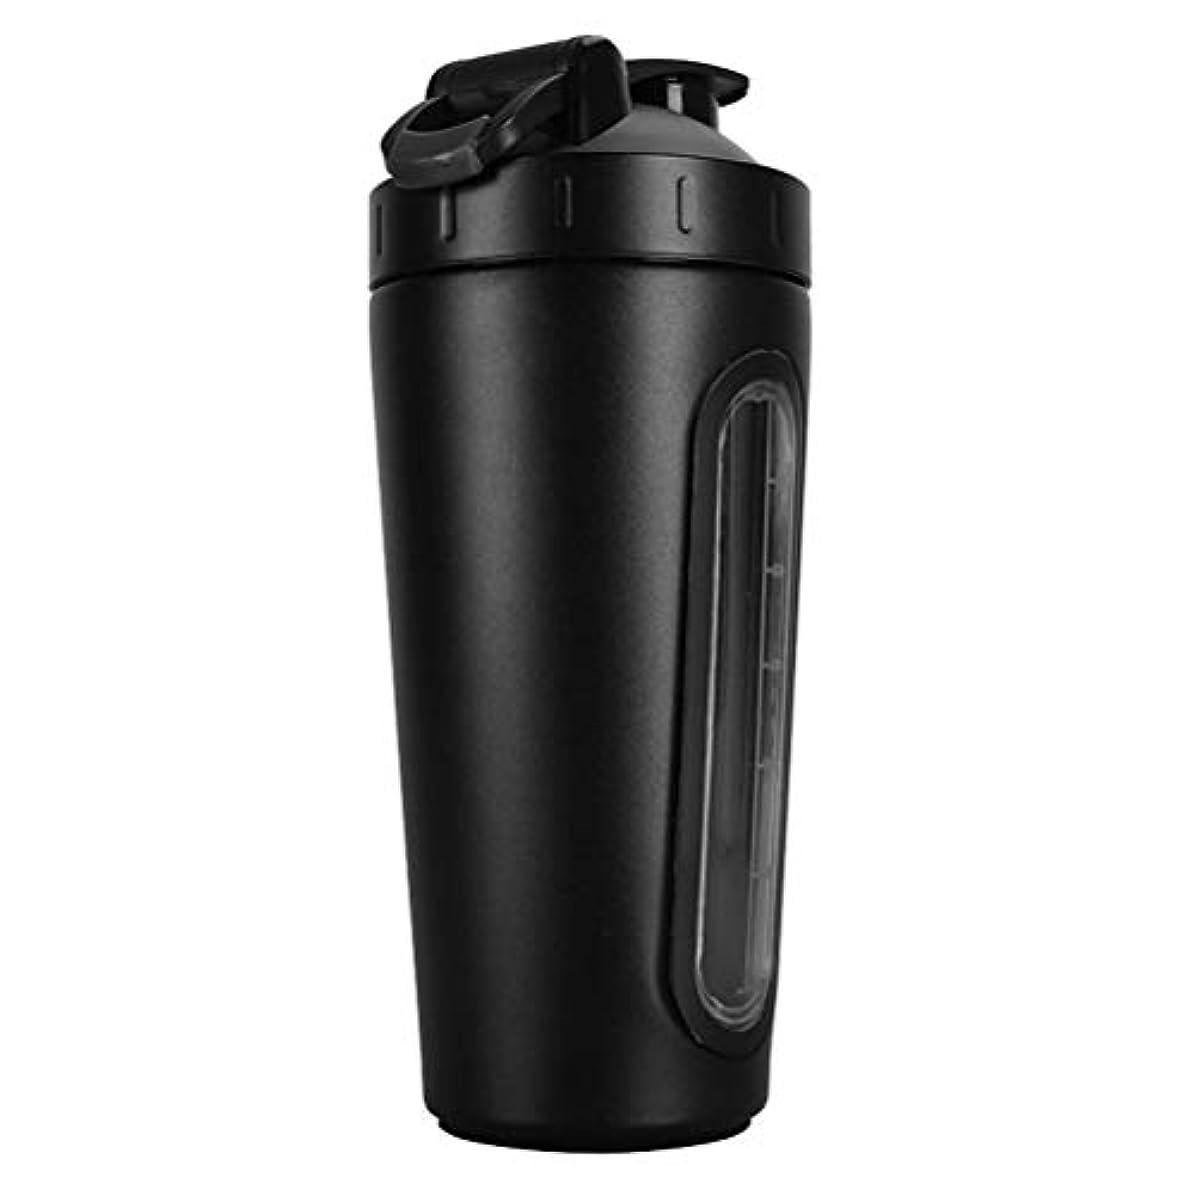 ポーター労働少ないErose-BD 2019新型 304ステンレスプロテインシェイカーボトル プロテインシェイカー シェイカー ボトル 水筒 ウォーターボトル (800ml) 1個 黒